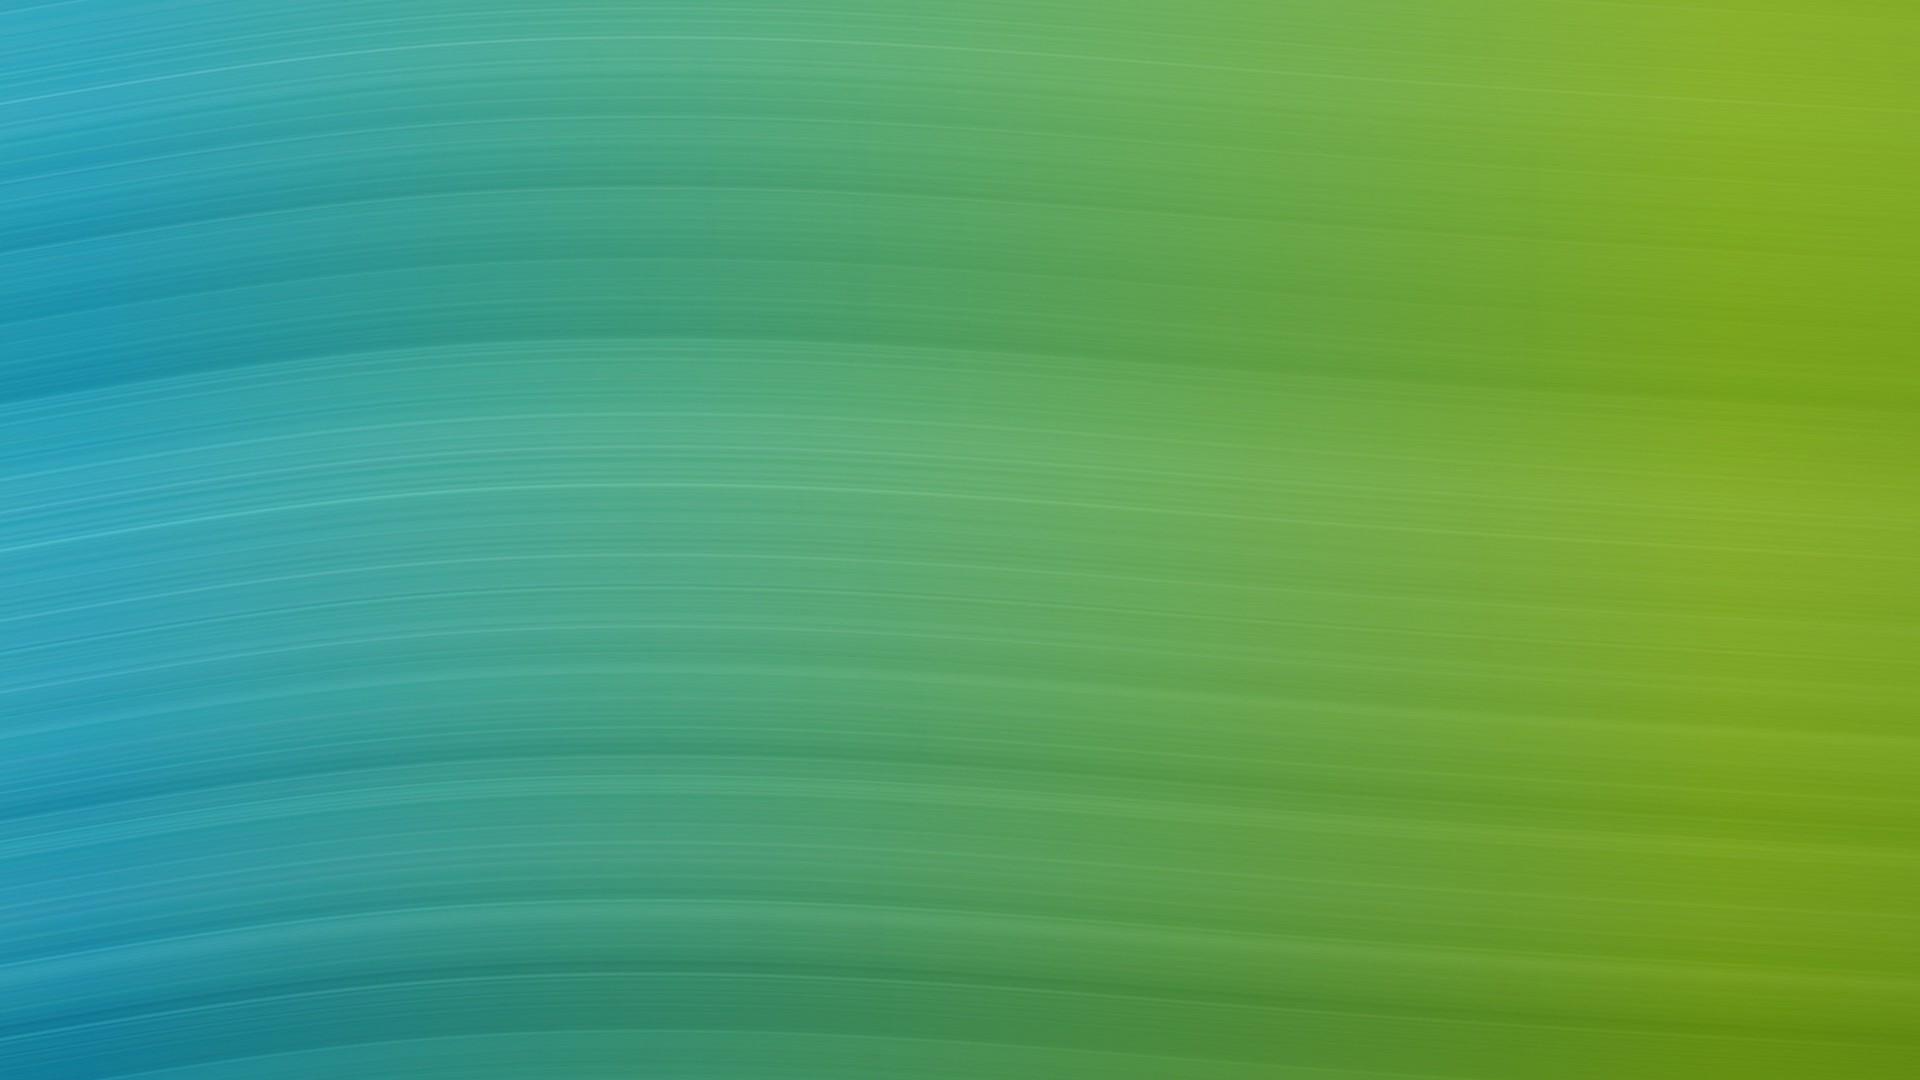 Plain Color Desktop Wallpaper – WallpaperSafari